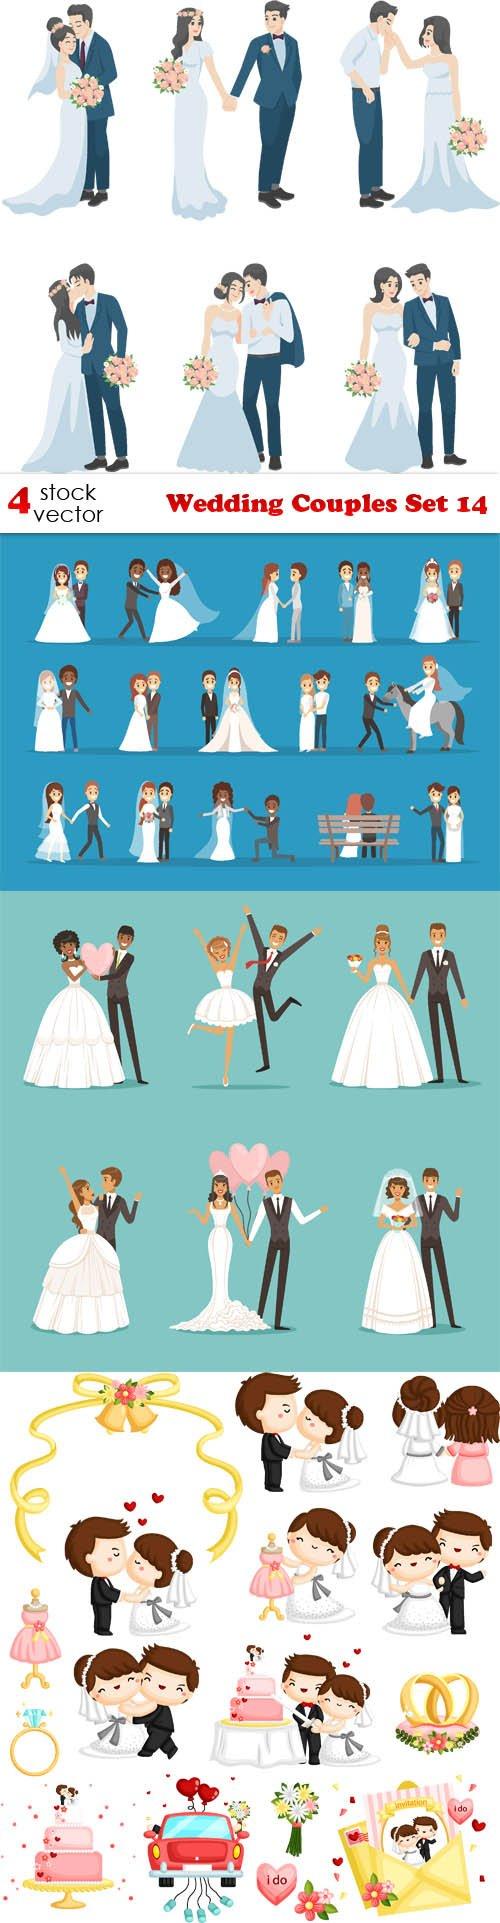 Vectors - Wedding Couples Set 14